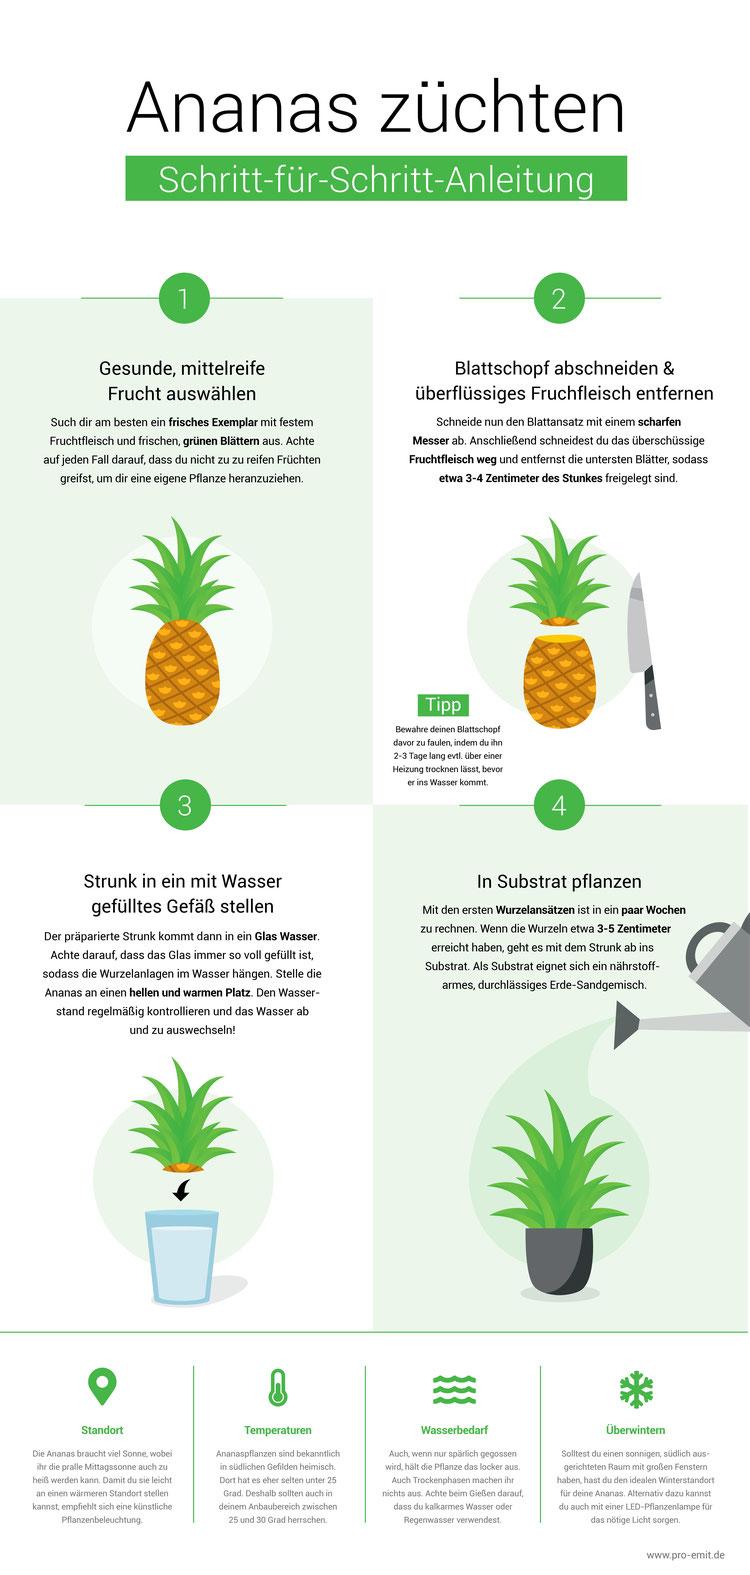 Ananas züchten Infografik